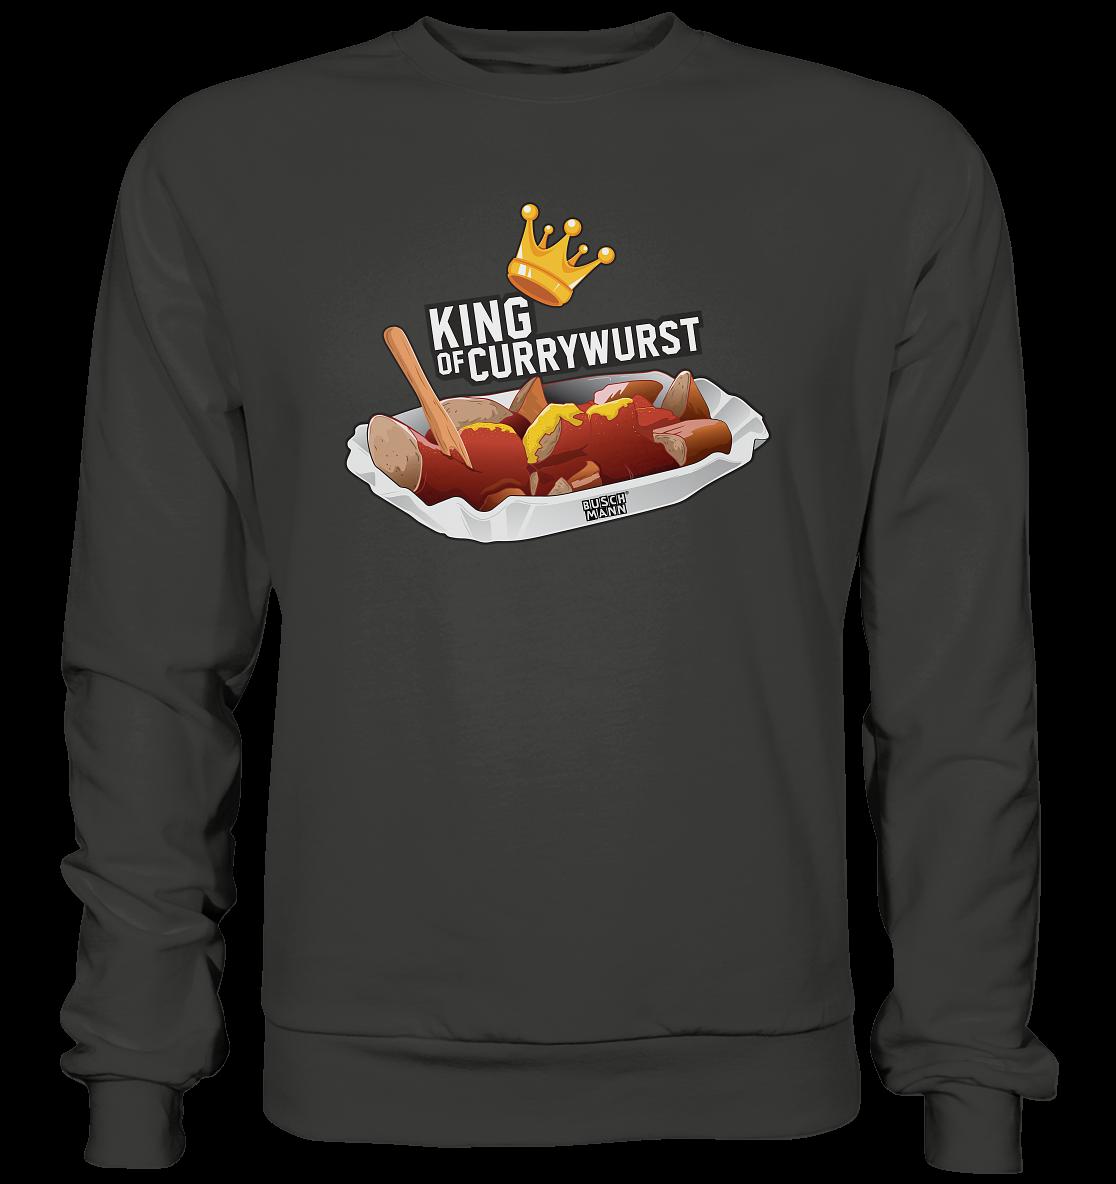 King of Currywurst Premium Sweatshirt   €39.95  Inkl. MwSt. zzgl. Versandkosten  Lieferung: 2-7 Tage